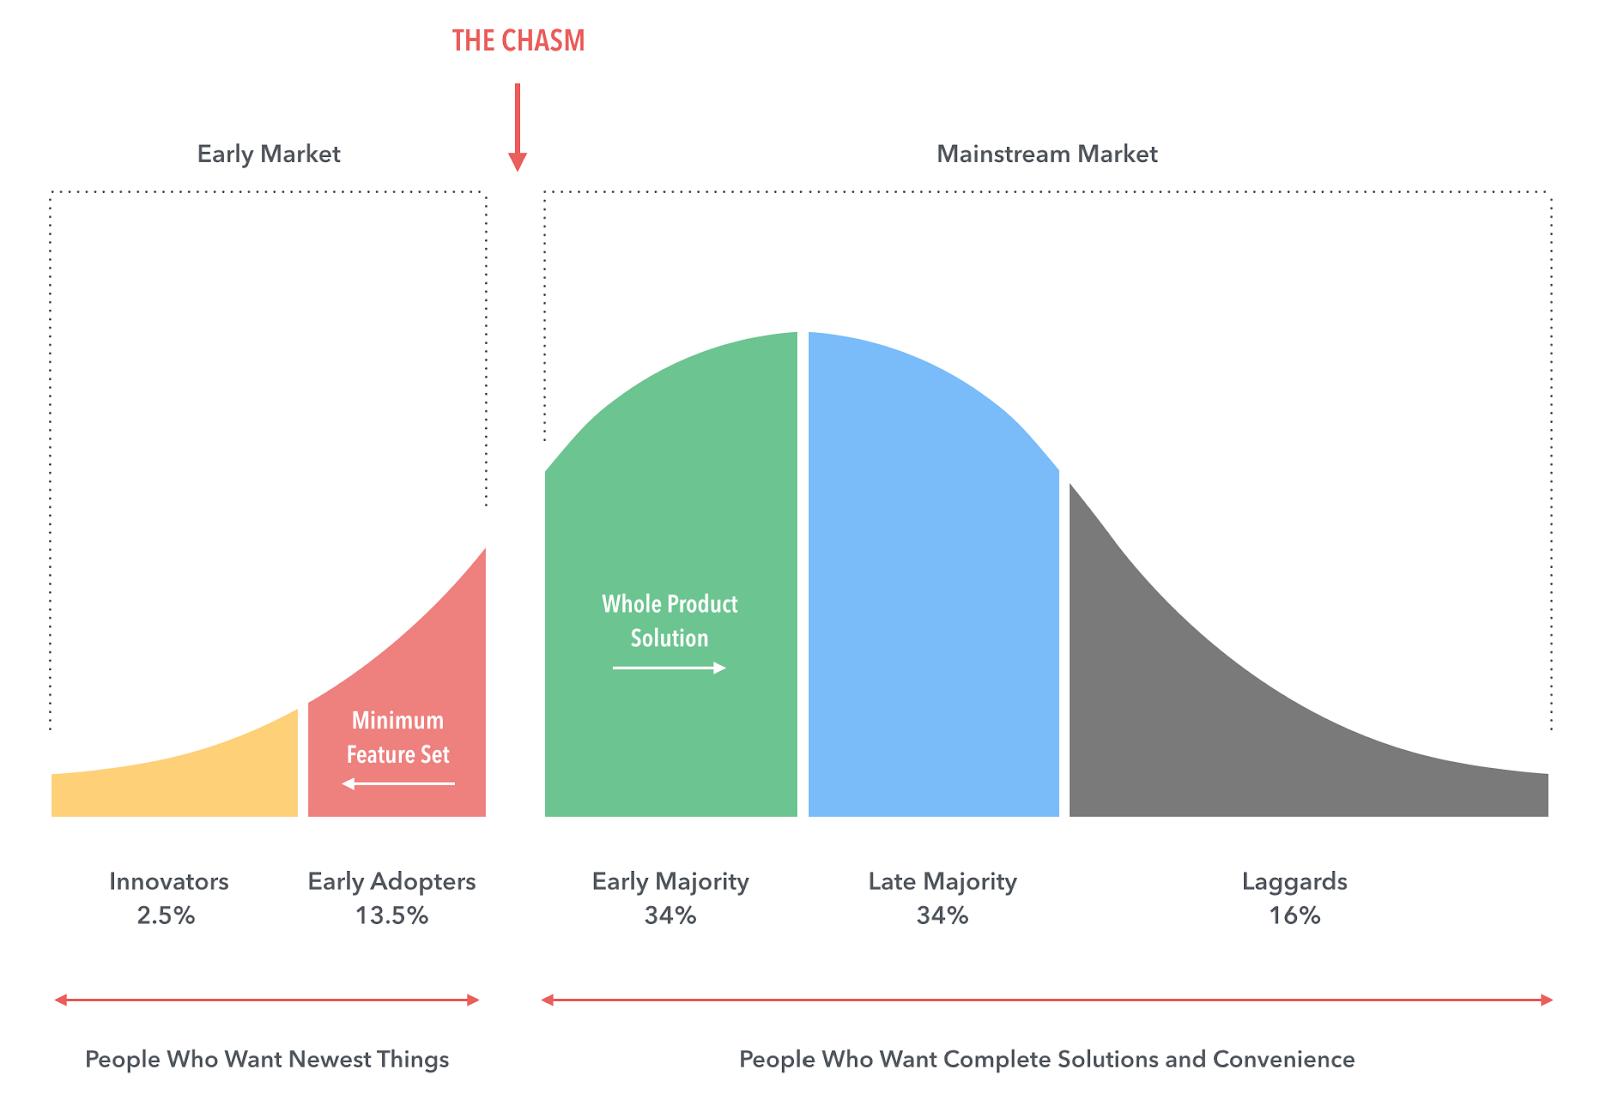 Классификация стадий роста продукта